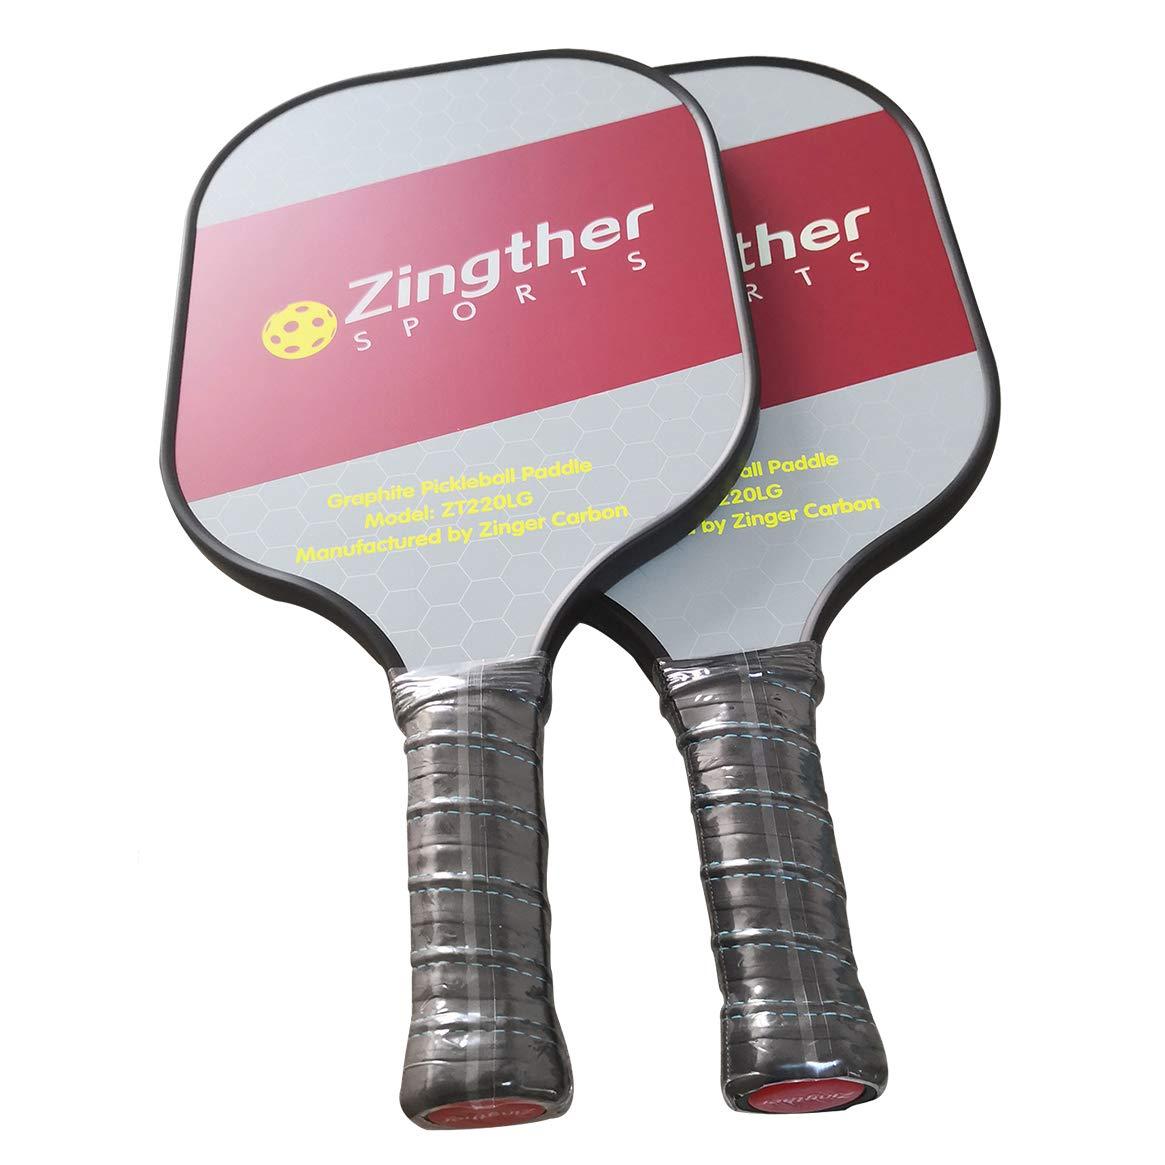 2019人気の Zingther グラファイト グラファイト ピックルボール パドル パドル ハニカム複合コア ウルトラクッショングリップ B07JNQG5YR B07JNQG5YR 2-pack, 文具事務用品画材の店 芙蓉堂:7ff20a29 --- beyonddefeat.com